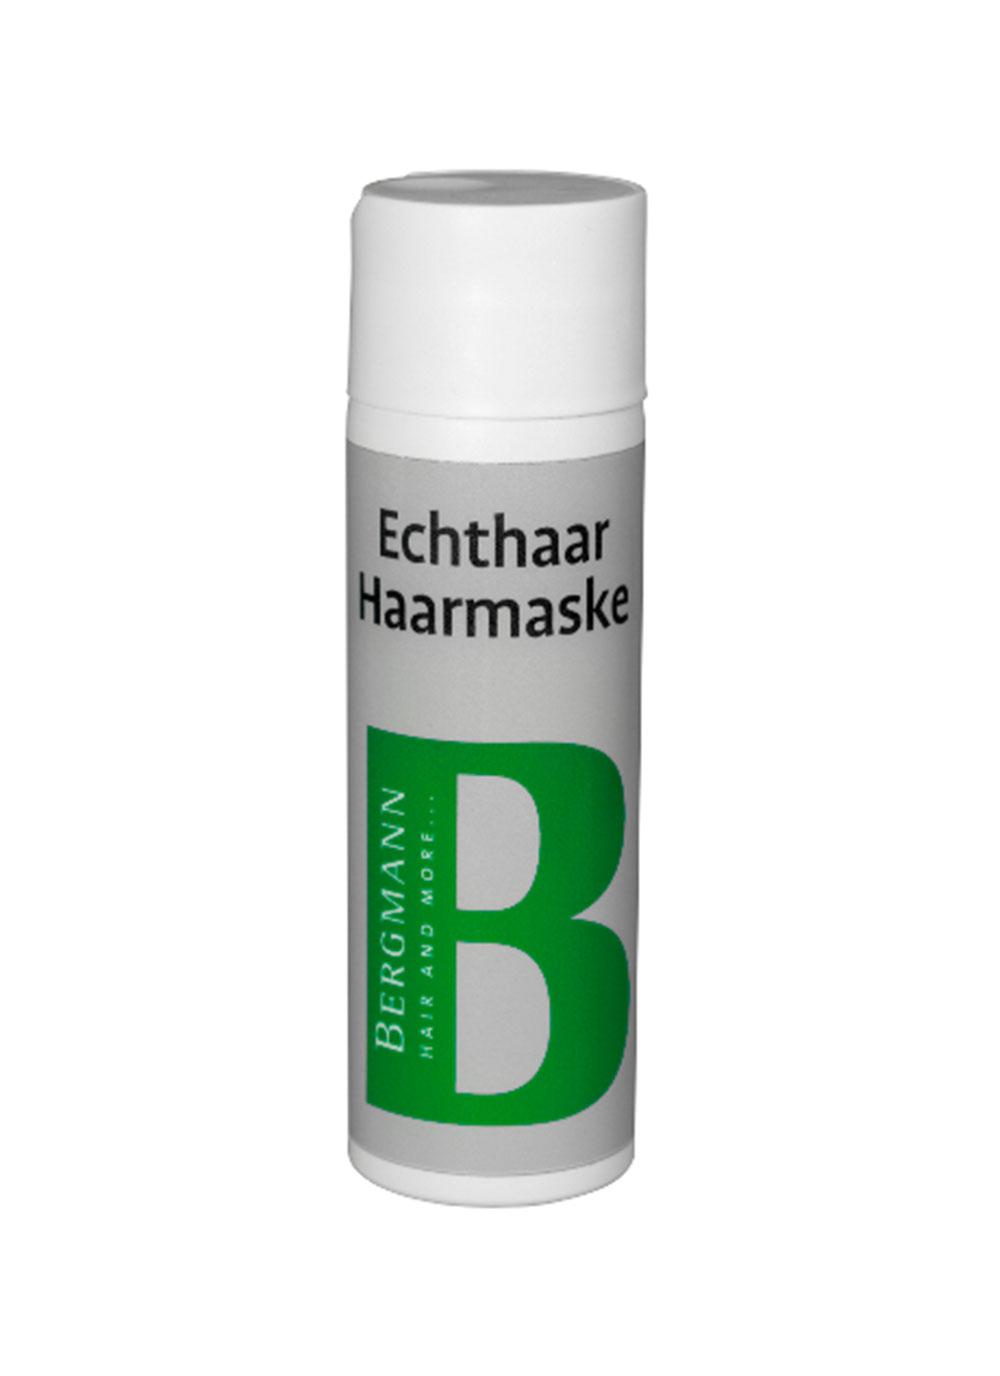 Bergmann Zubehör - Echthaar Haarmaske 200ml